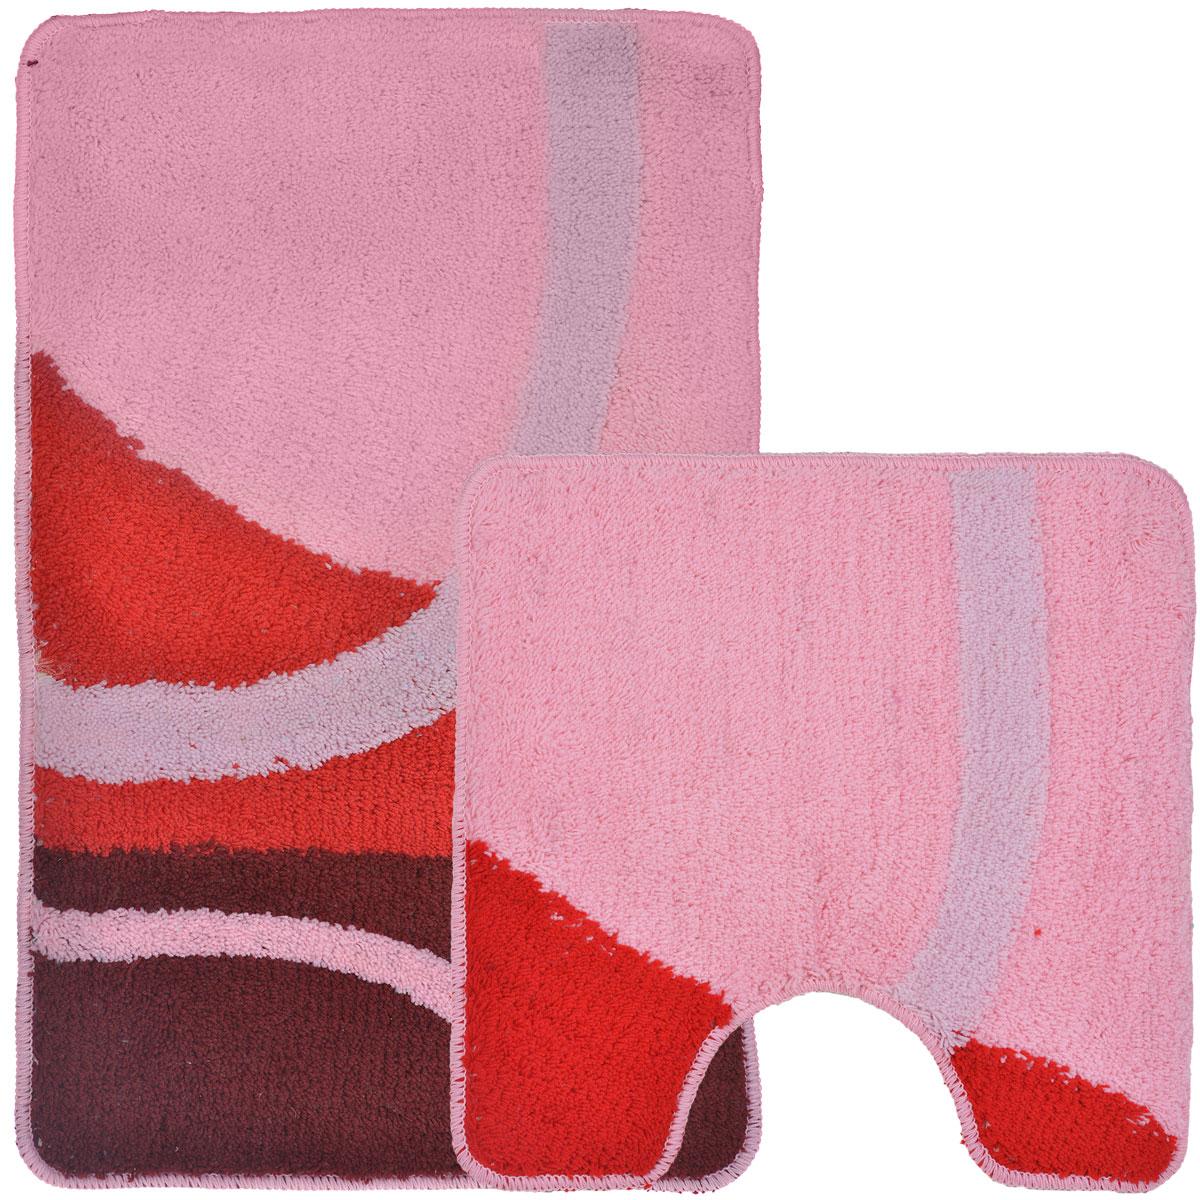 Комплект ковриков для ванной и туалета Fresh Code, цвет: розовый, красный, 2 предмета55010розовыйКомплект Fresh Code состоит из коврика для ванной комнаты и туалета. Коврики изготовлены из акрила и оформлены узором. Это экологически чистый, быстросохнущий, мягкий и износостойкий материал. Красители устойчивы, поэтому коврики не потускнеют даже после многократных стирок в стиральной машине. Благодаря латексной основе коврики не скользят на полу. Края изделий обработаны оверлоком. Можно использовать на полу с подогревом. Набор для ванной Fresh Code подарит ощущение тепла и комфорта, а также привнесет уют в вашу ванную комнату. Высота ворса: 1 см. Размер коврика для ванной комнаты: 80 см х 50 см. Размер коврика для туалета: 50 см х 50 см.